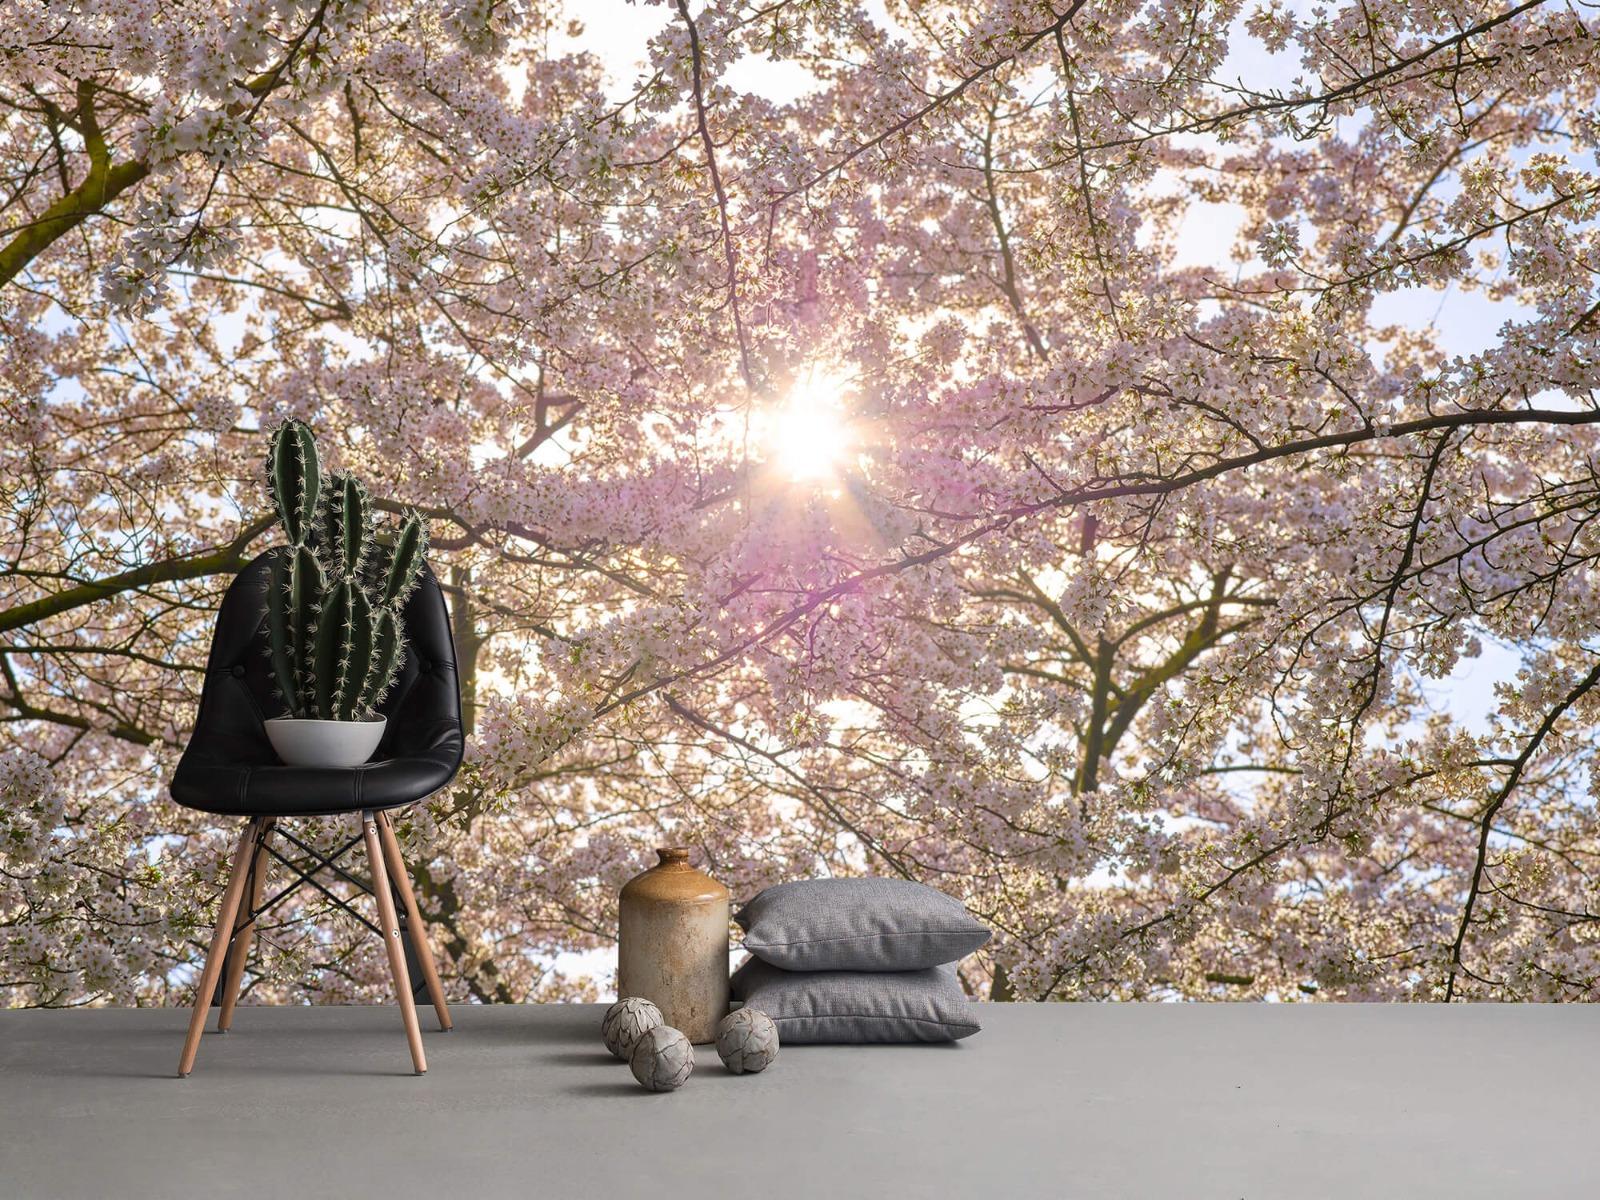 Zon - Bloesem in de zon - Woonkamer 13